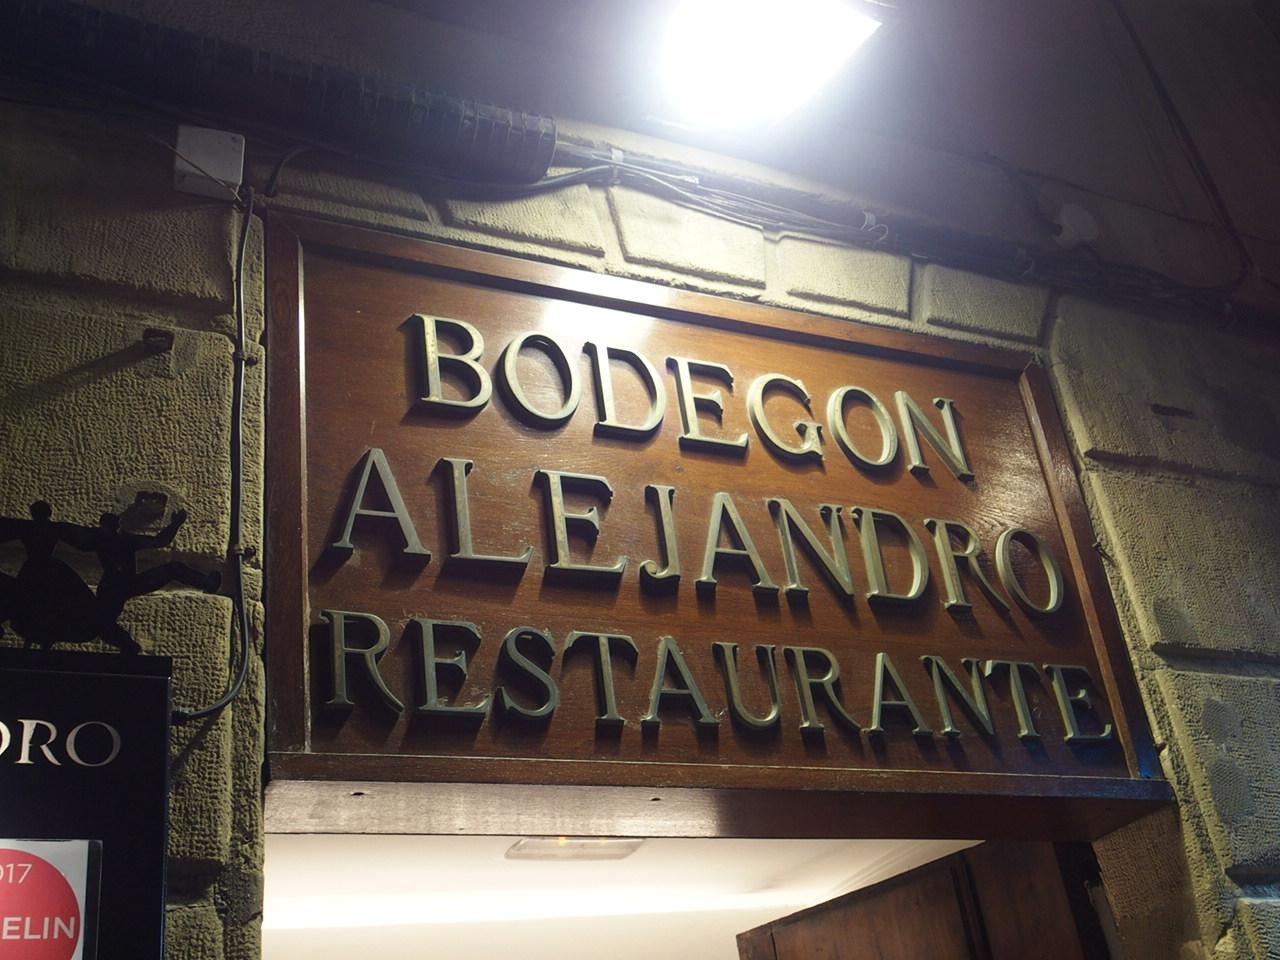 サンセバスチャンのレストランBodegon Alejandro ボデゴン・アレハンドロ